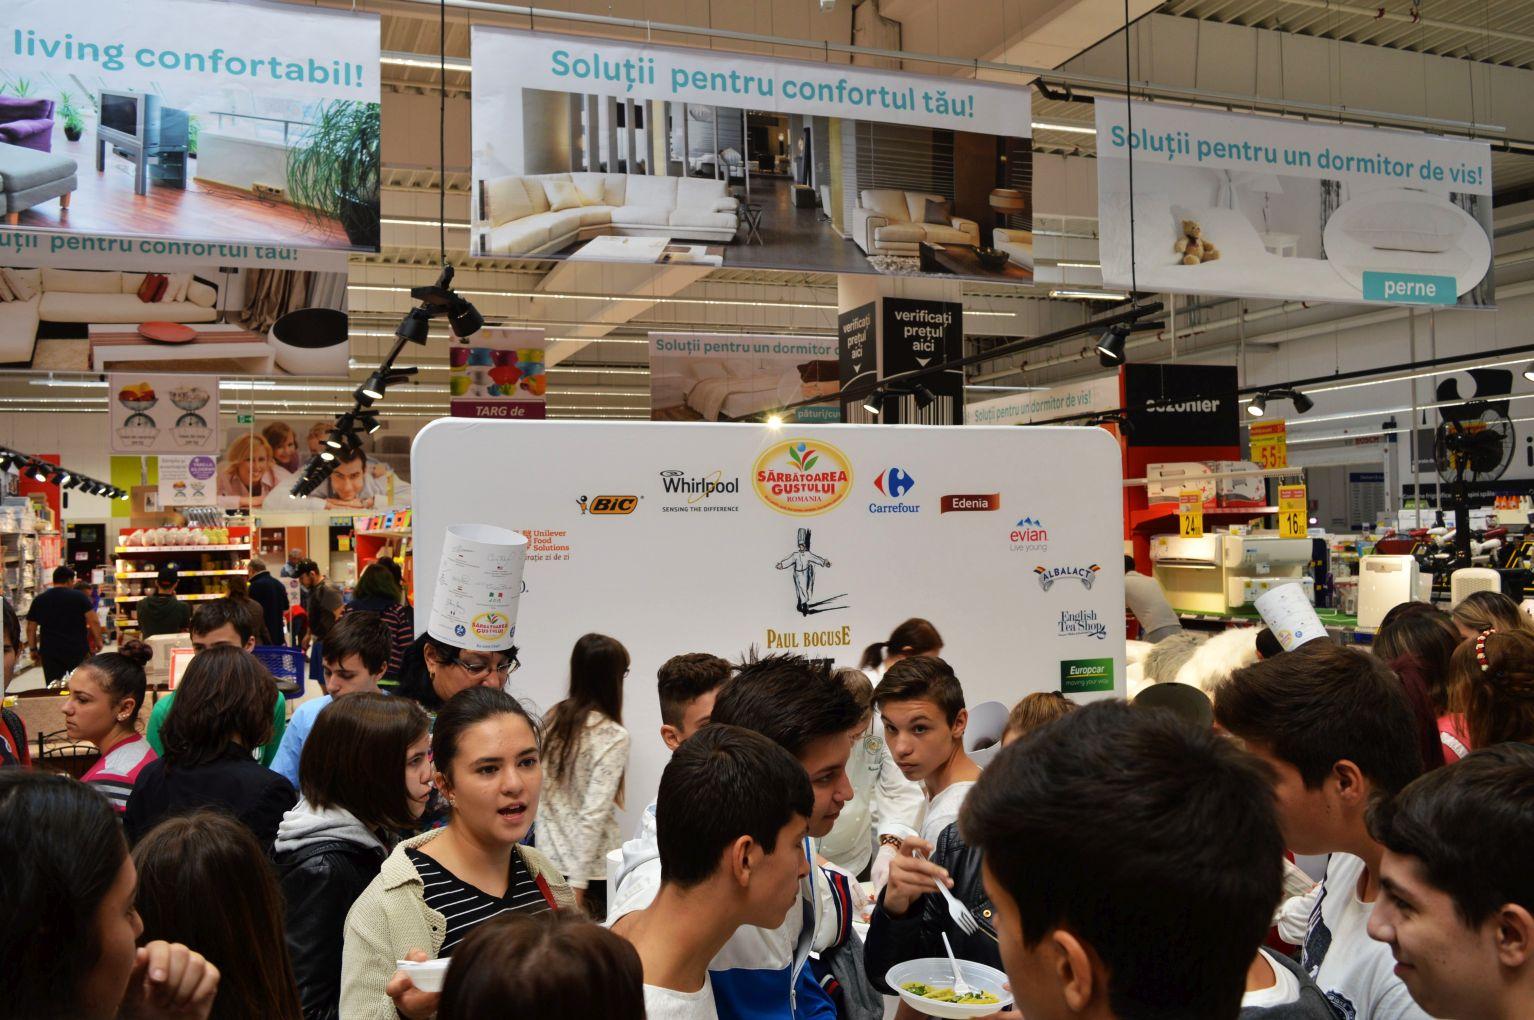 Atelier_Culinar_Sarbatoarea_Gustului_Carrefour_Vulcan_Chef_Cristina_Balan_08